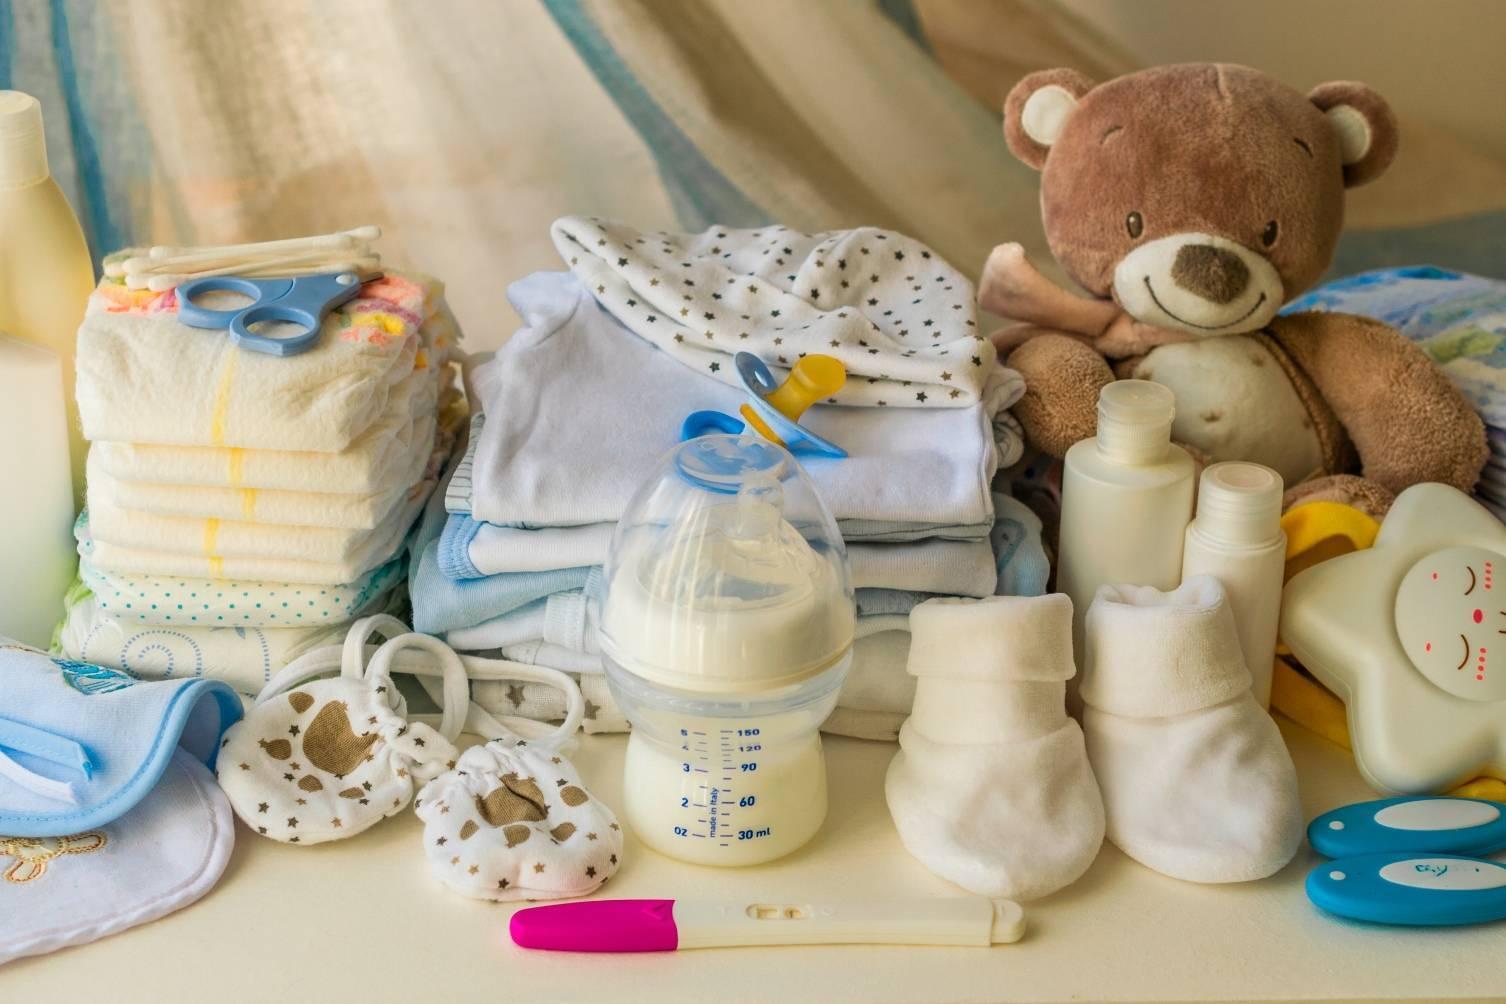 Новорожденный ребенок – искусственное и грудное вскармливание новорожденных, купание, уход за новорожденным в первый месяц жизни. как одевать новорожденного?